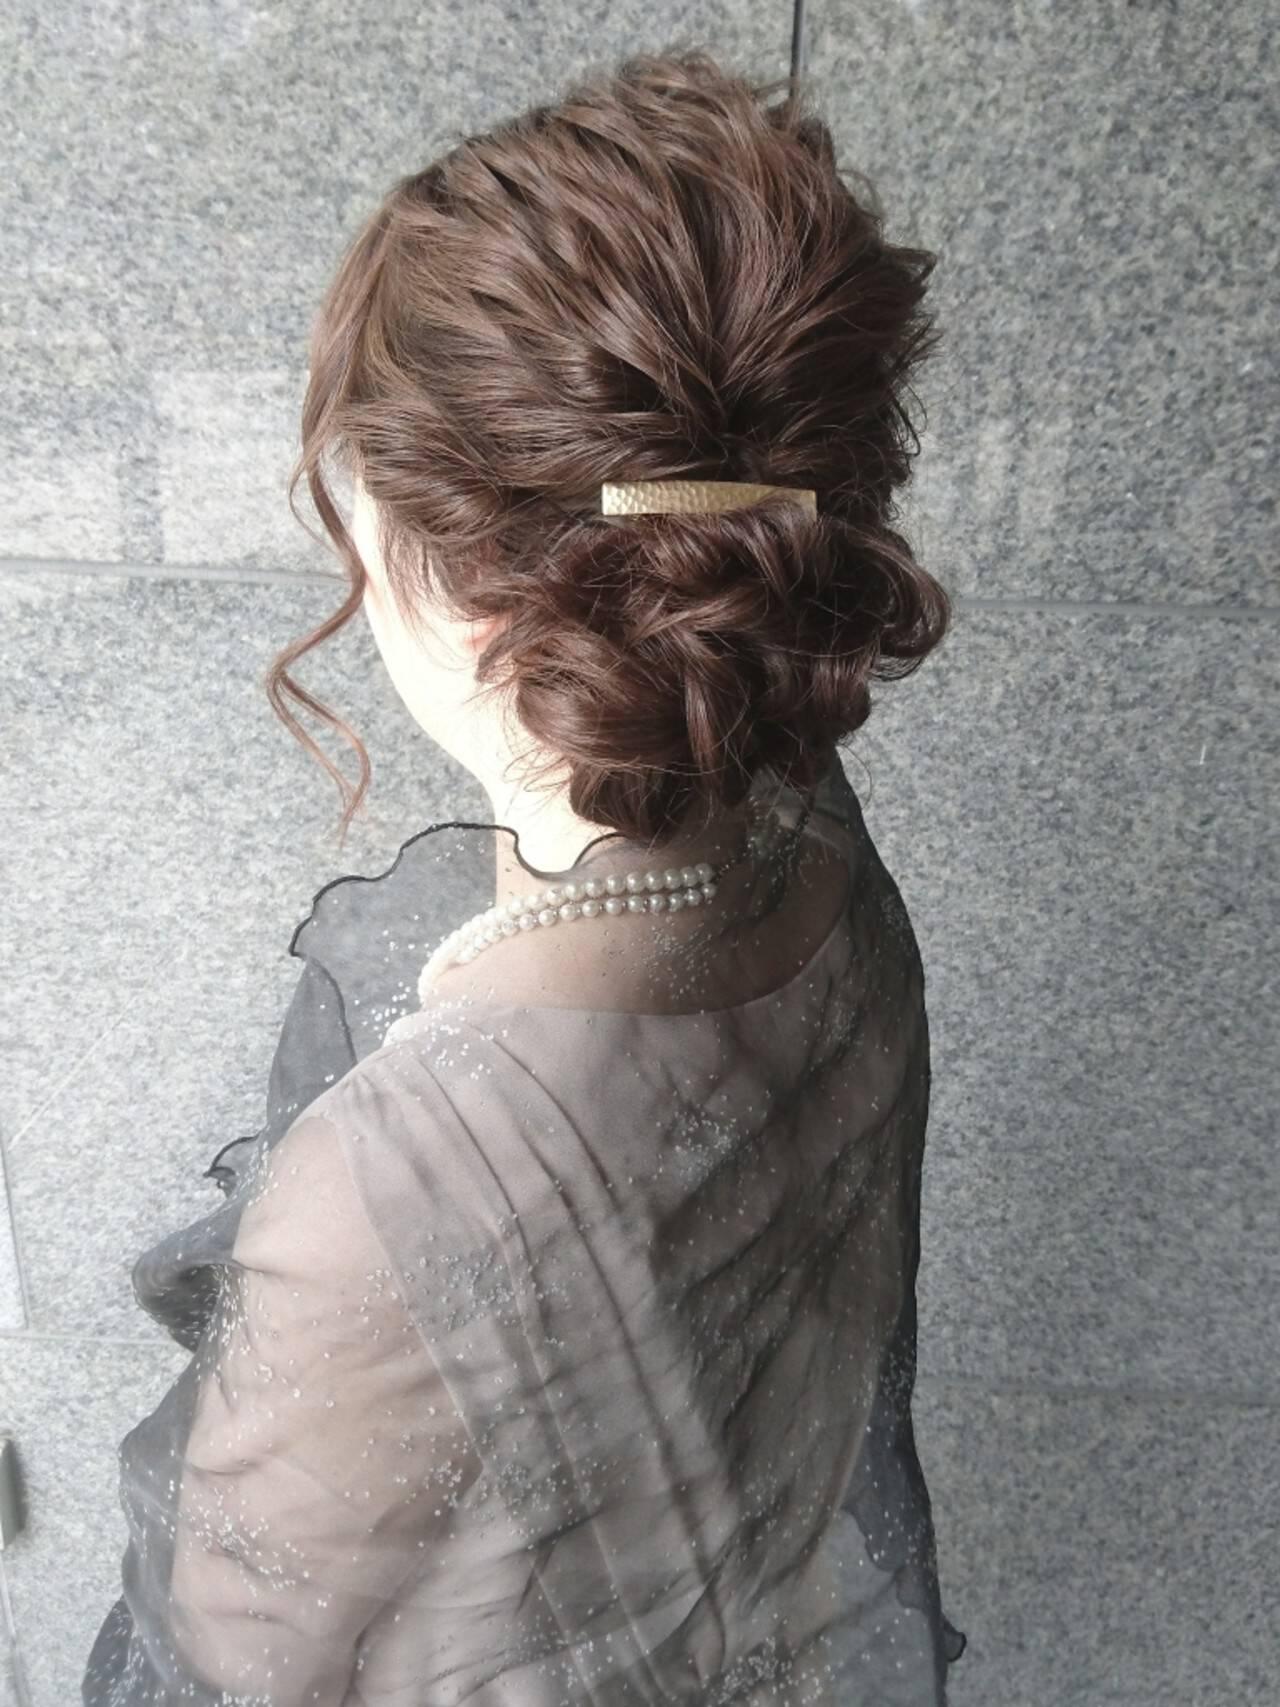 ヘアアレンジ ハーフアップ ナチュラル ゆるふわヘアスタイルや髪型の写真・画像